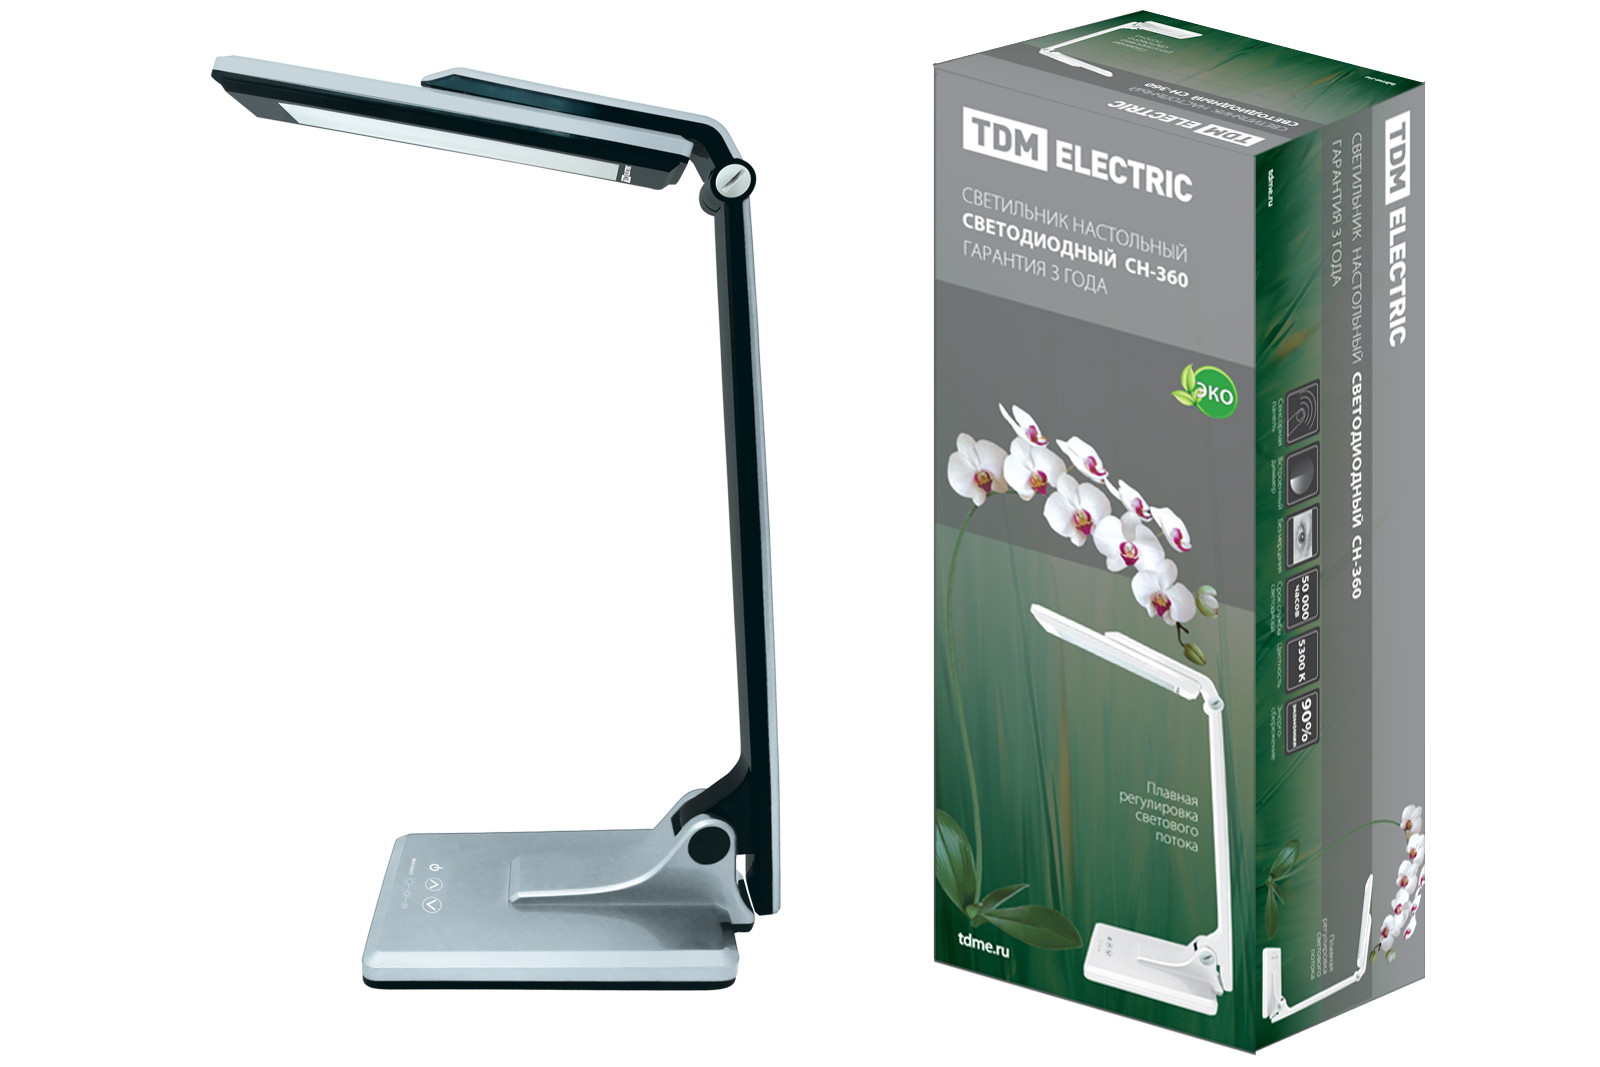 Лампа настольная Tdm Sq0337-0043 настольная лампа tdm electric сн 360 sq0337 0043 chrome